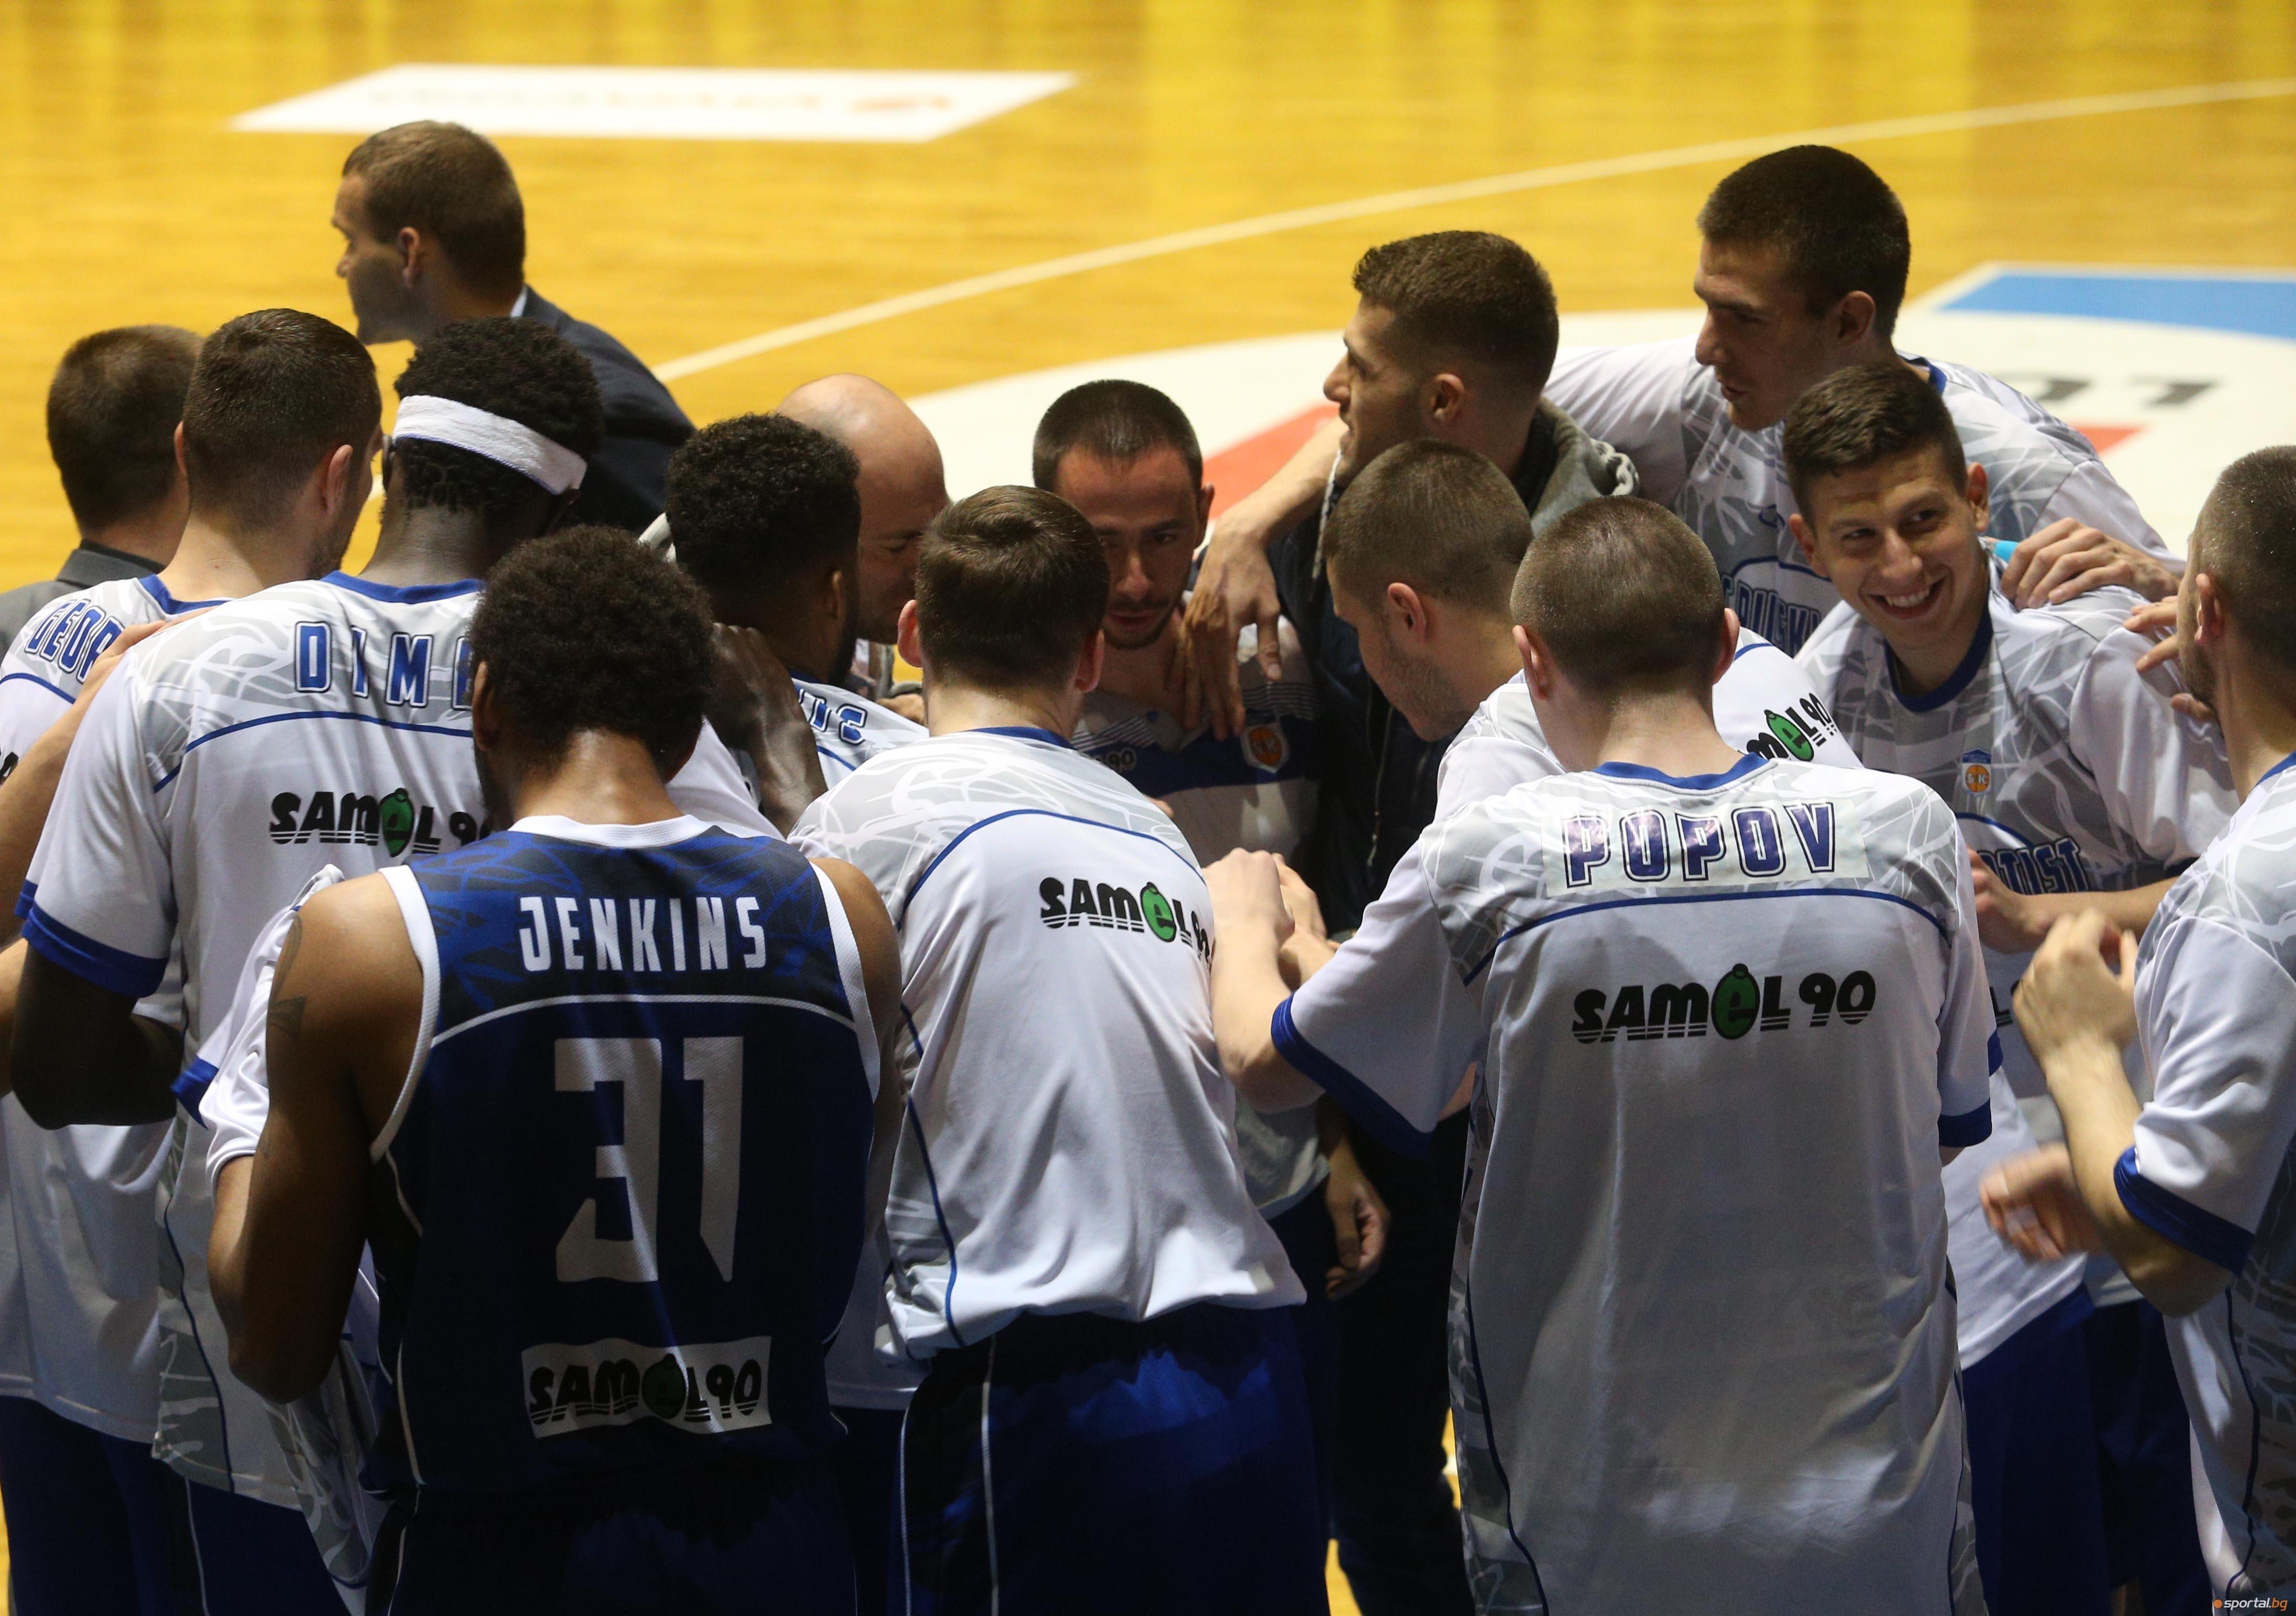 Отборът на Рилски спортист (Самоков) записа поредна победа в редовния